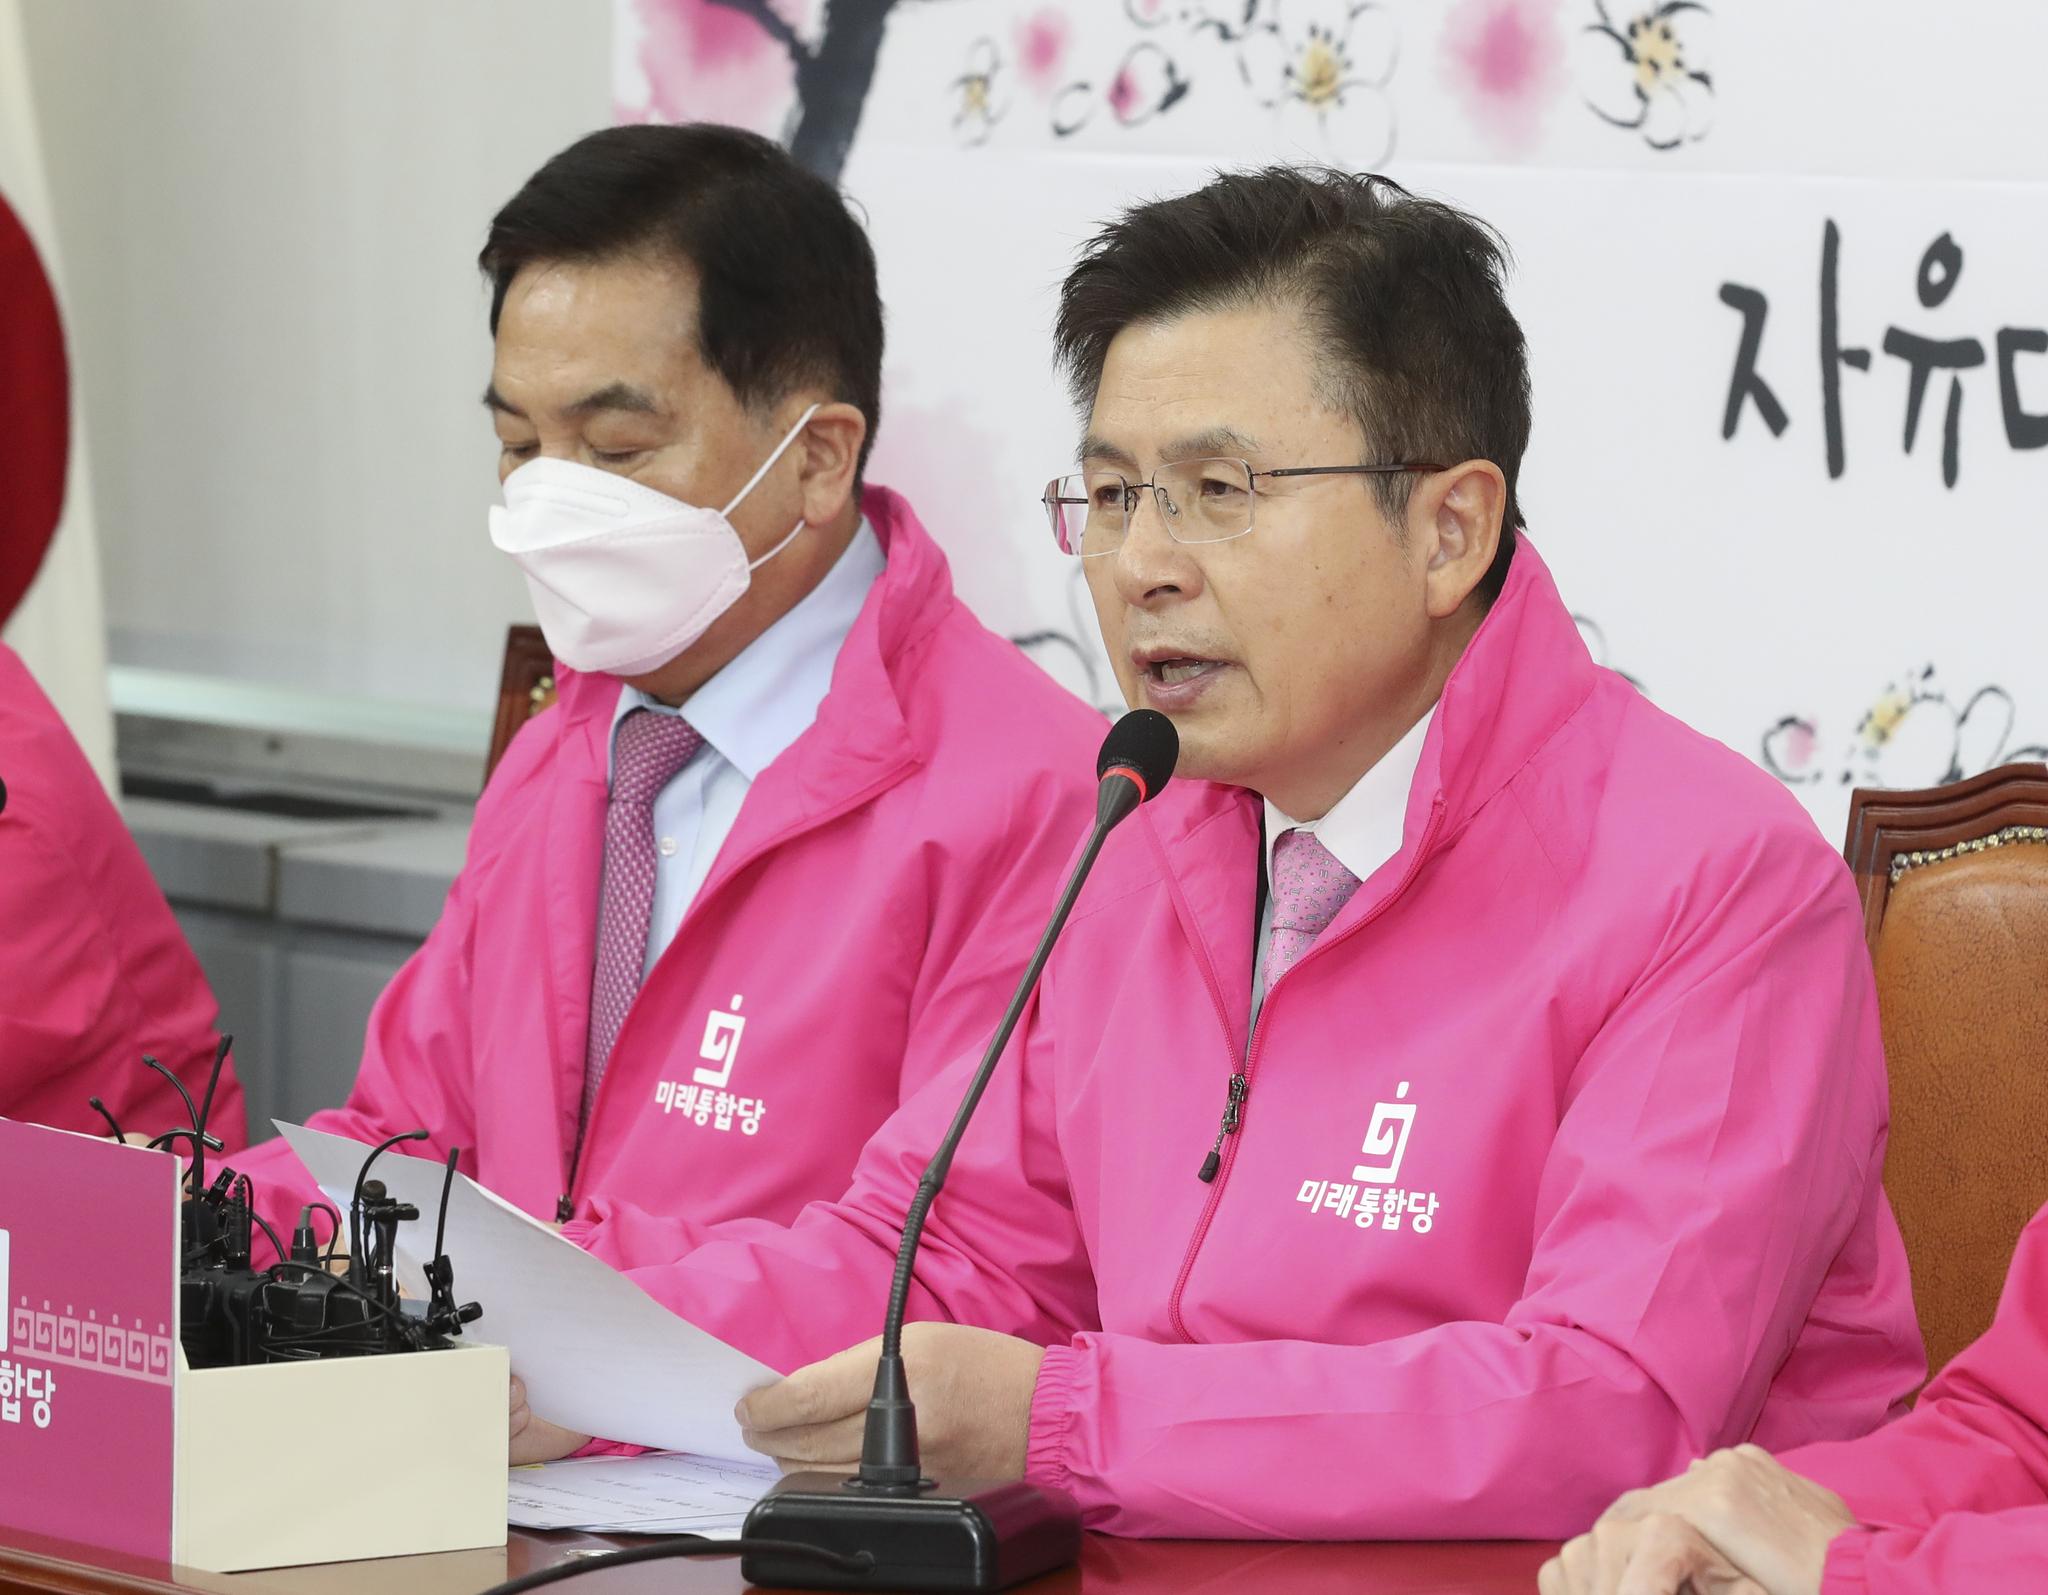 미래통합당 황교안 대표가 24일 국회에서 열린 최고위원회의에서 발언하고 있다. 왼쪽은 심재철 원내대표. 임현동 기자